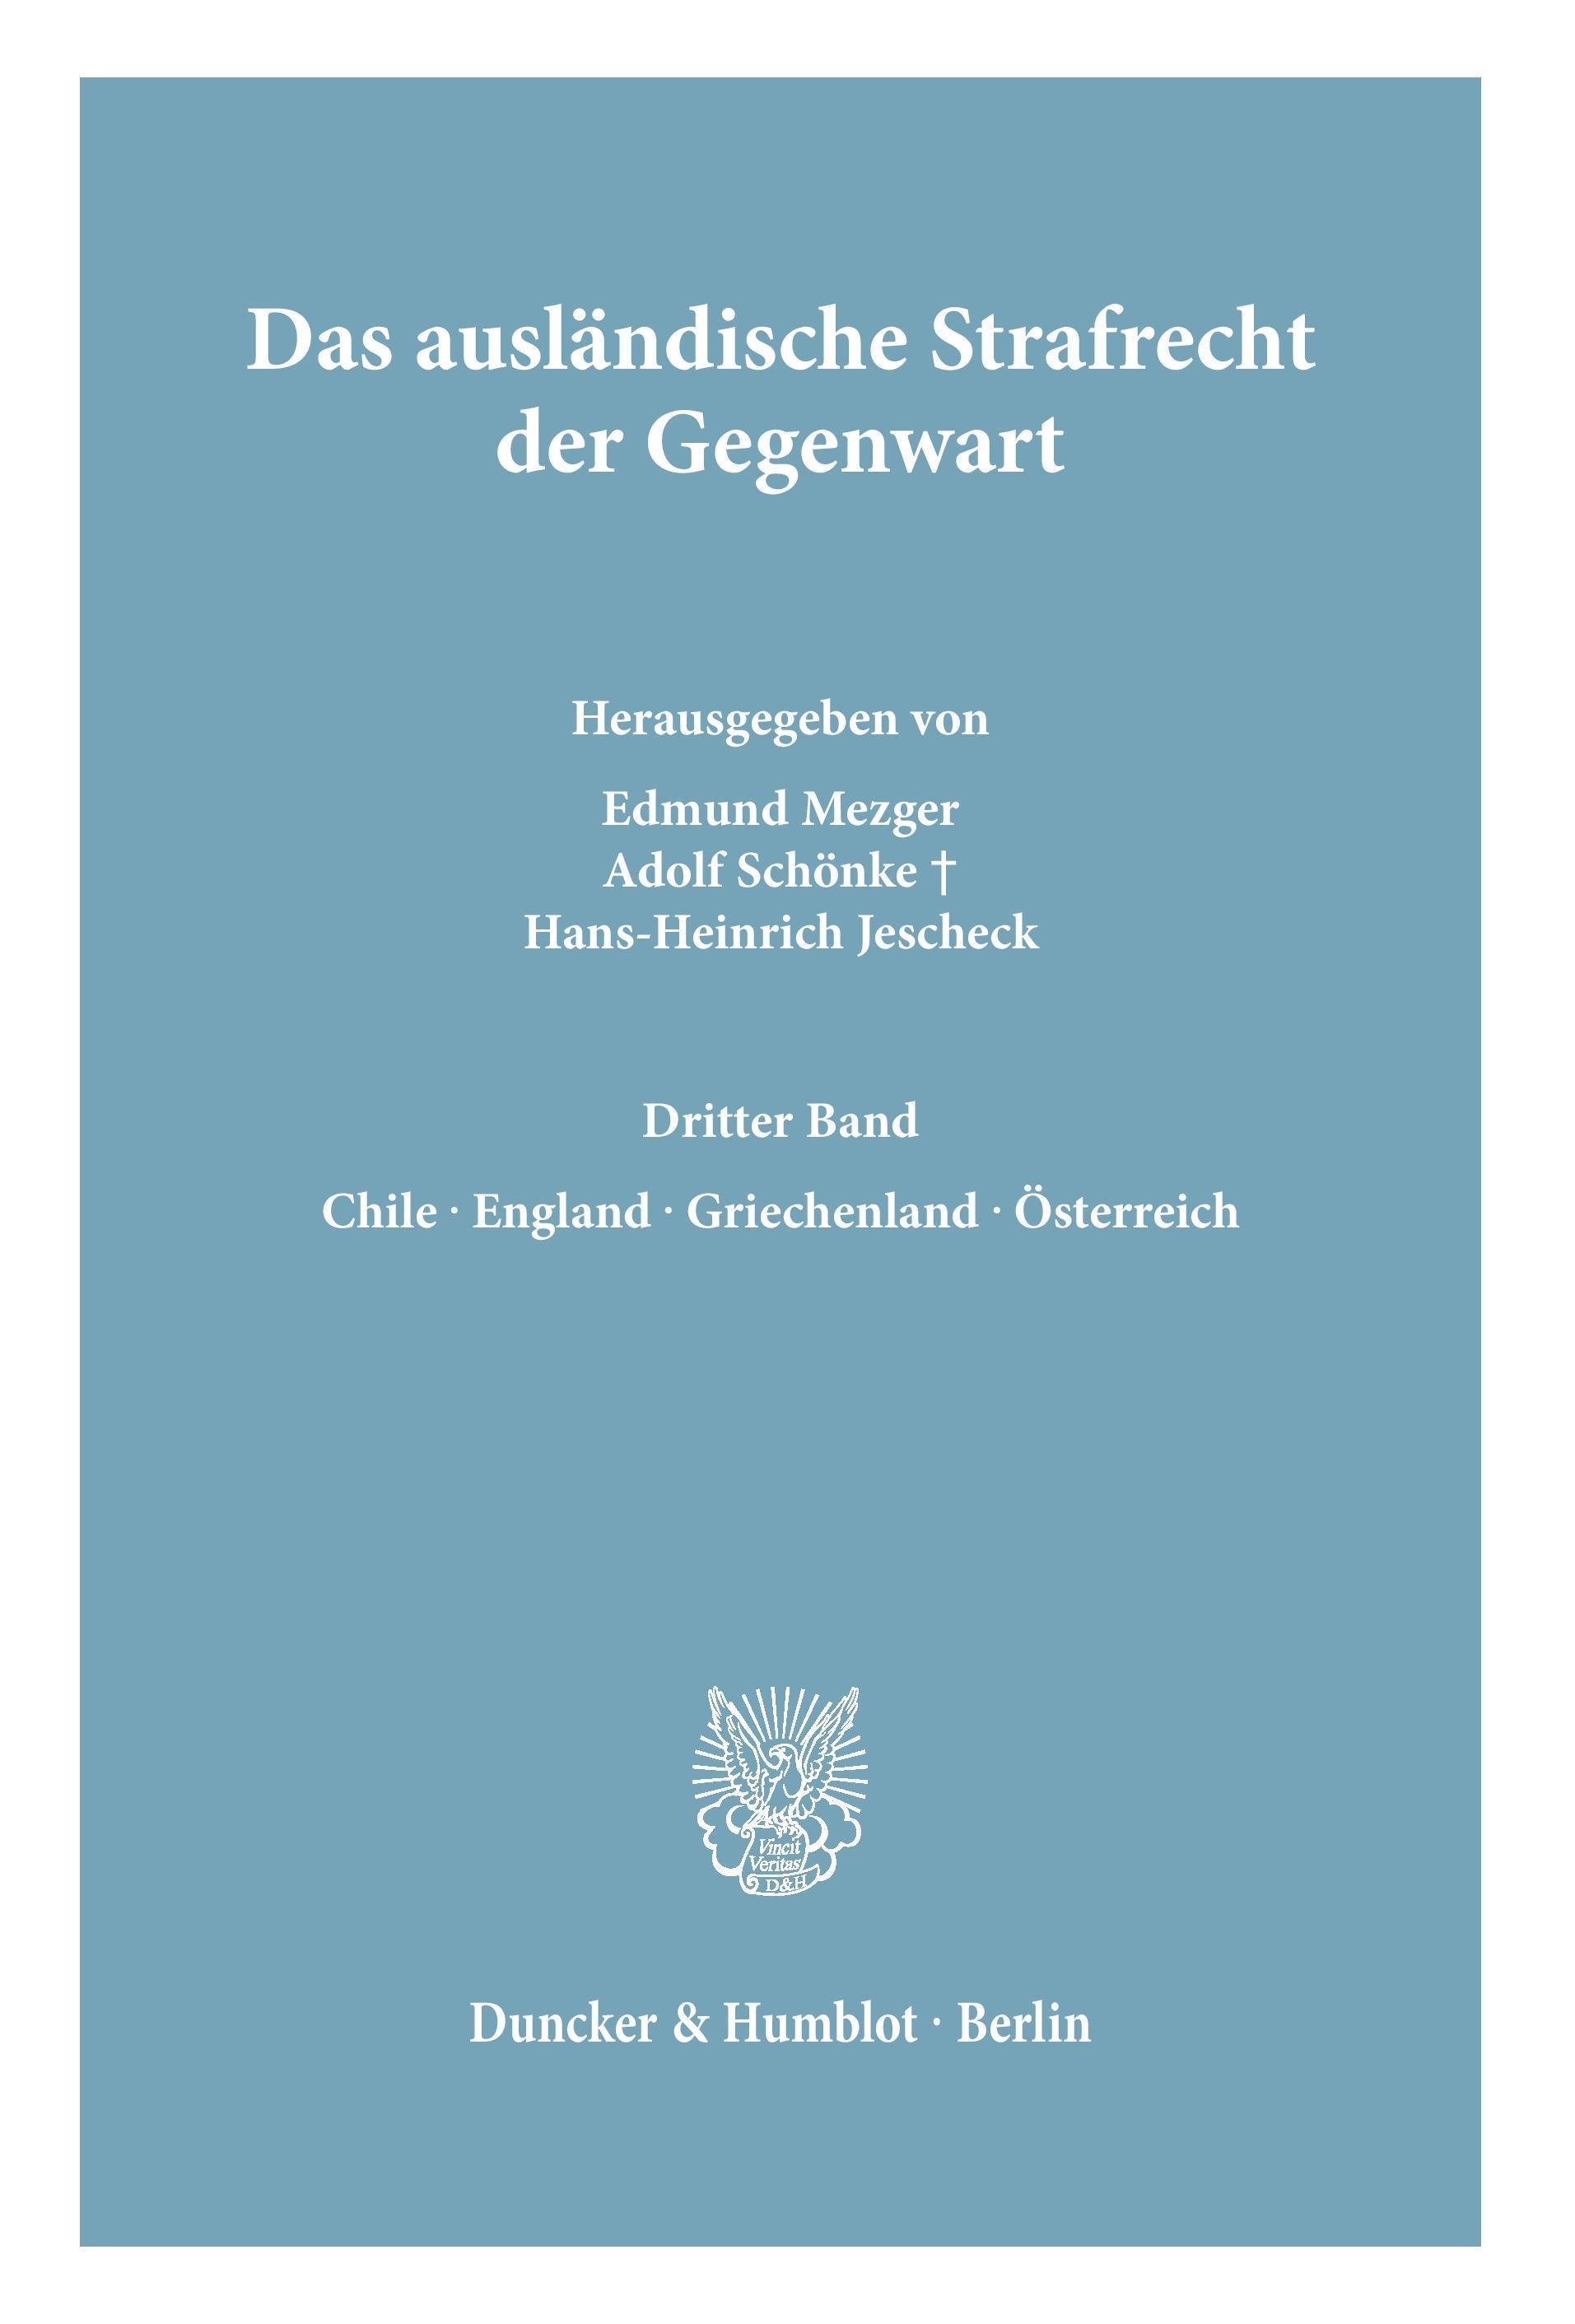 Das ausländische Strafrecht der Gegenwart. - Mezger, Edmund|Schönke, Adolf|Jescheck, Hans-Heinrich